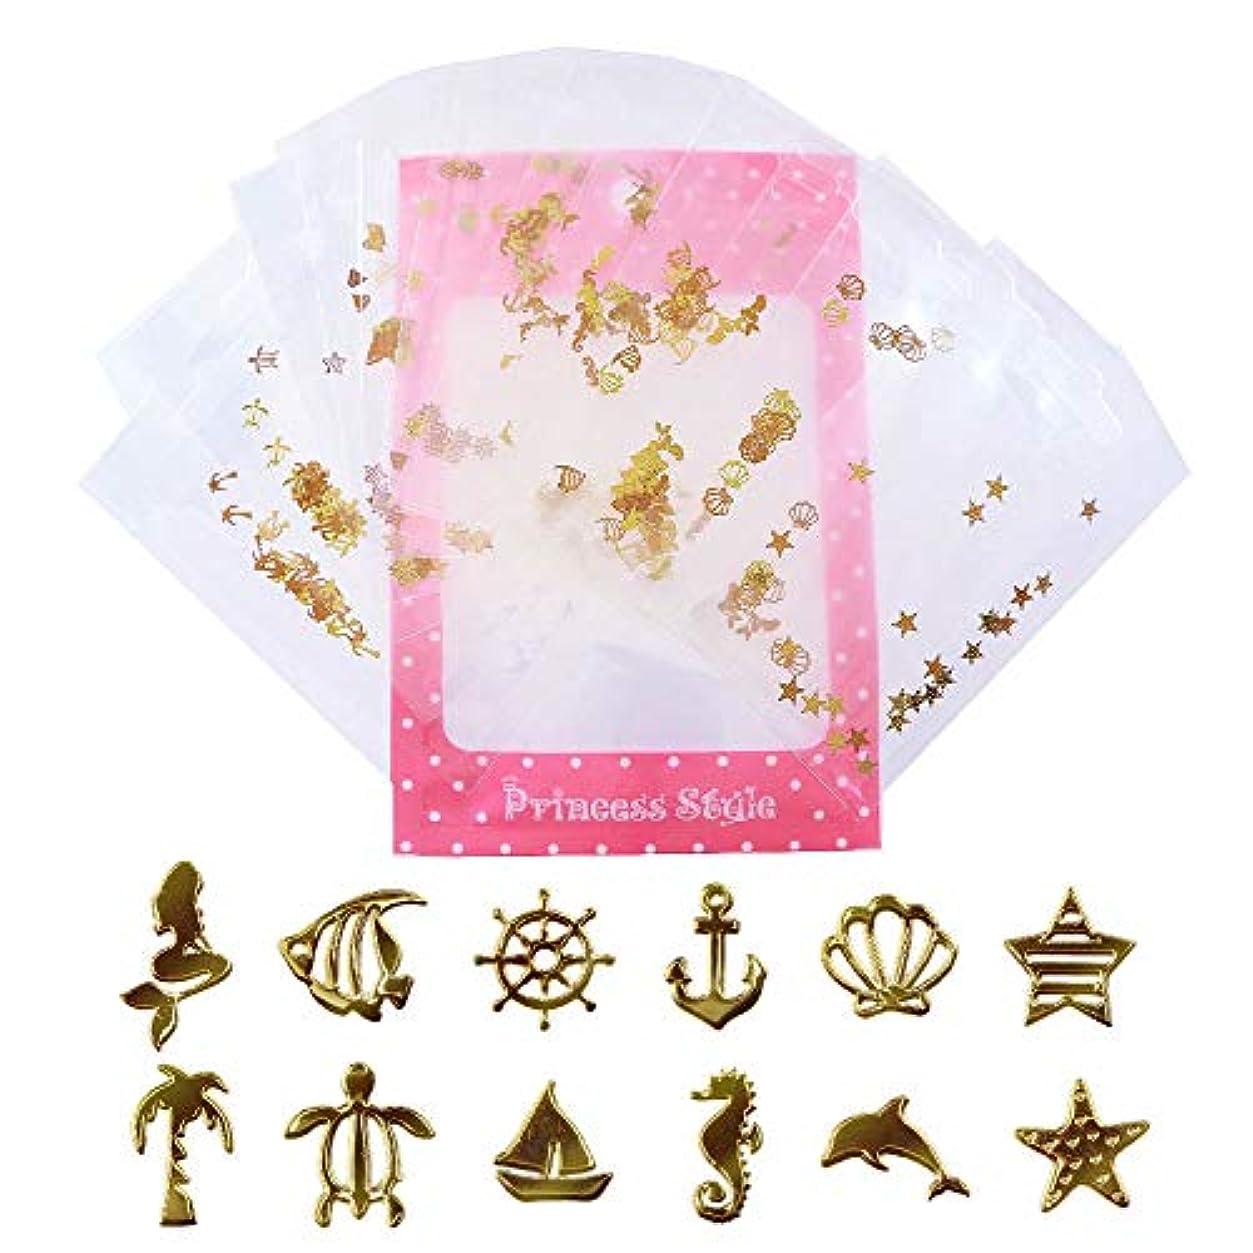 暗記する前件見せます薄型 アート パーツ ゴールド ネイル&レジン用 マリンパーツ 12種類300枚セット 袋入り